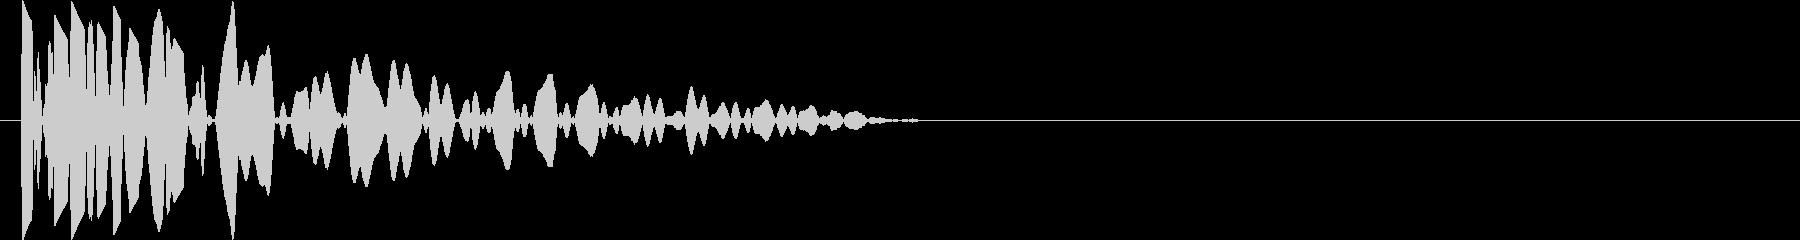 ブンッ コミカルなボイスパーカッション風の未再生の波形